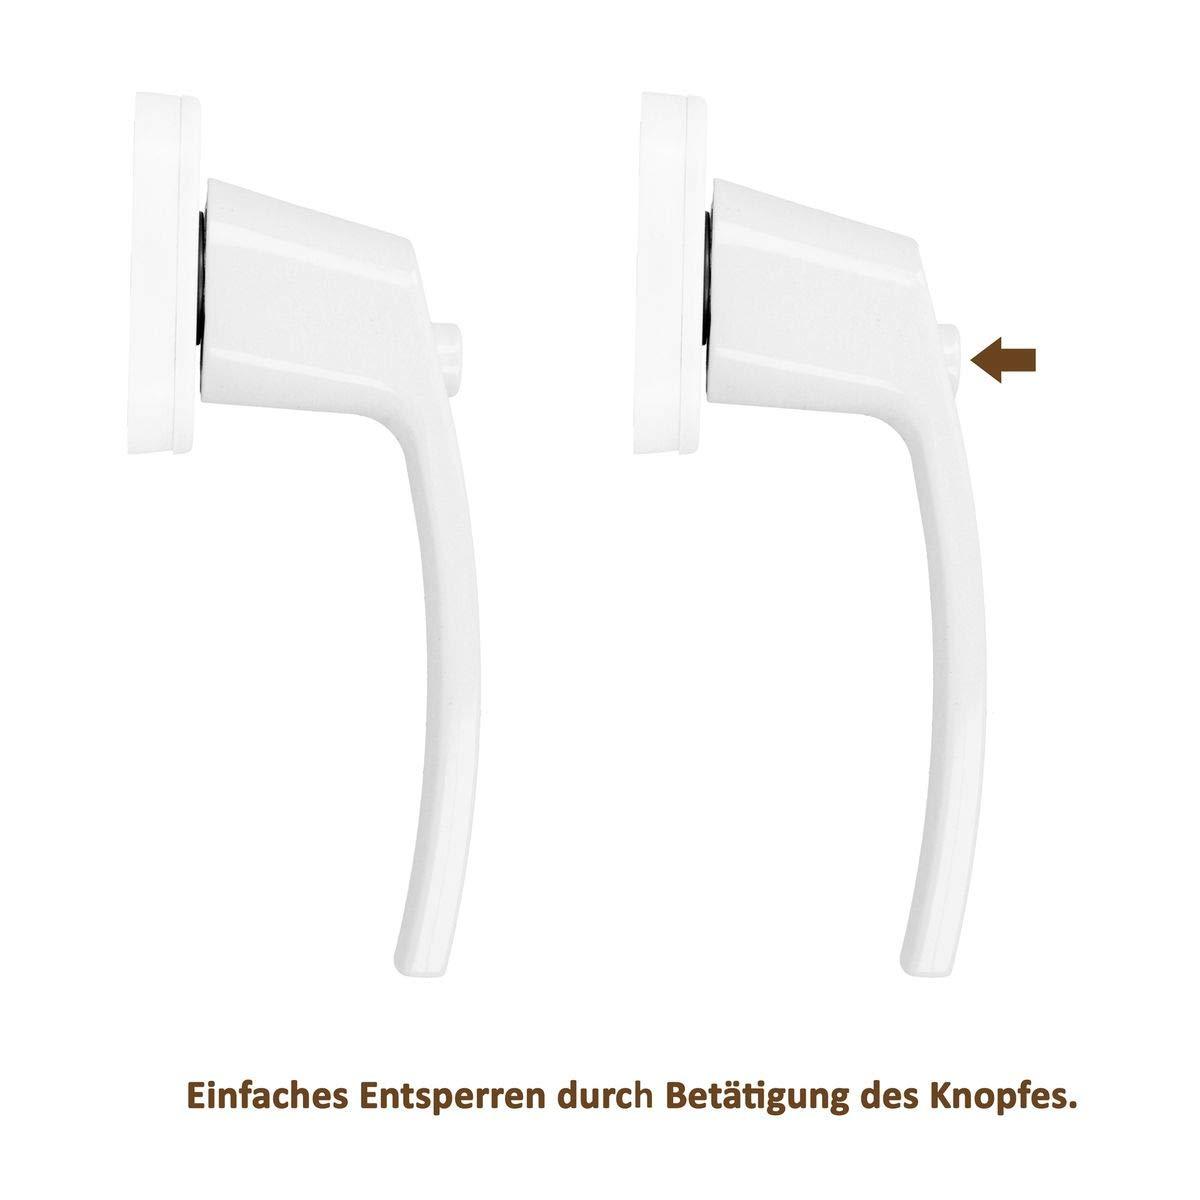 Premium Aluminium Fenstergriff verriegelbar /über Druckknopf in Wei/ß Stiftl/änge 35mm